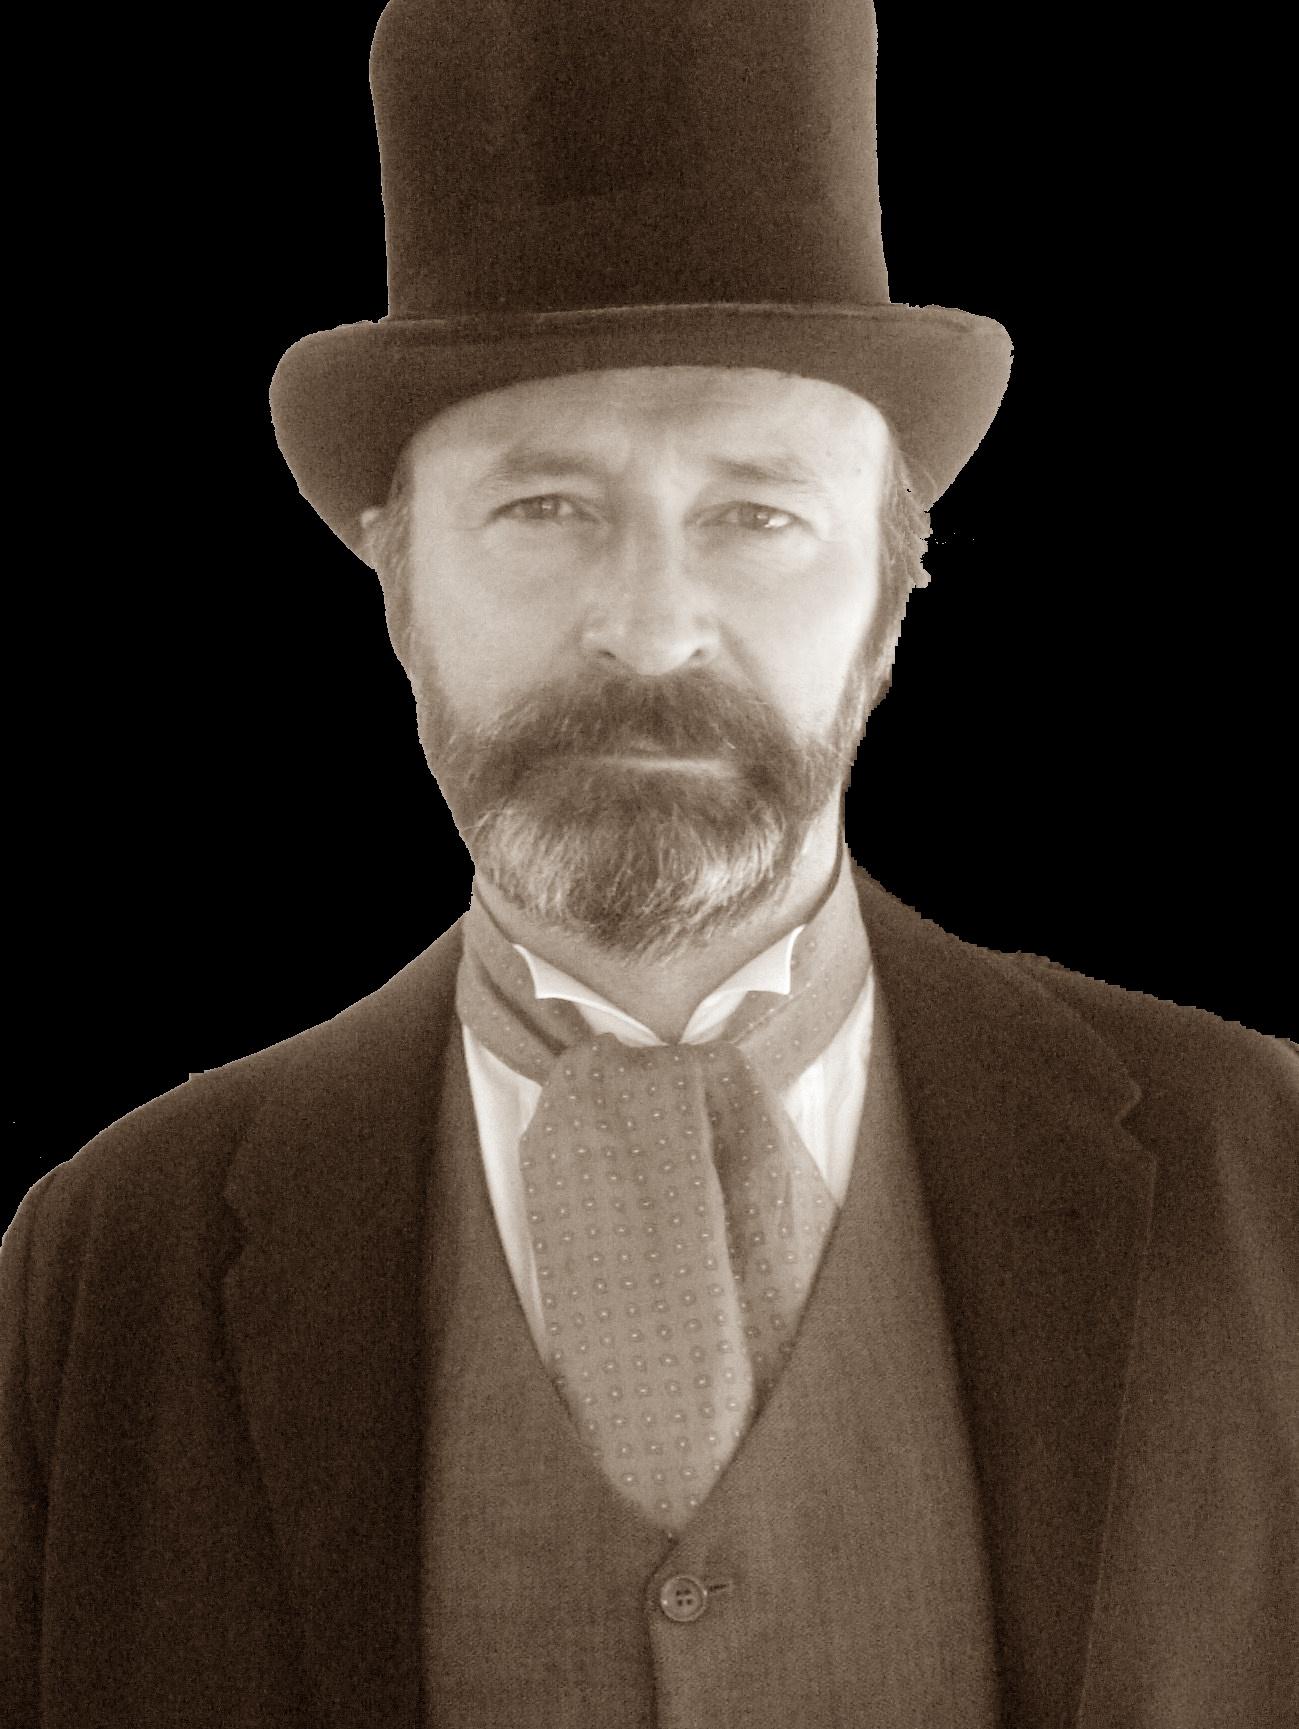 Robert Jezek